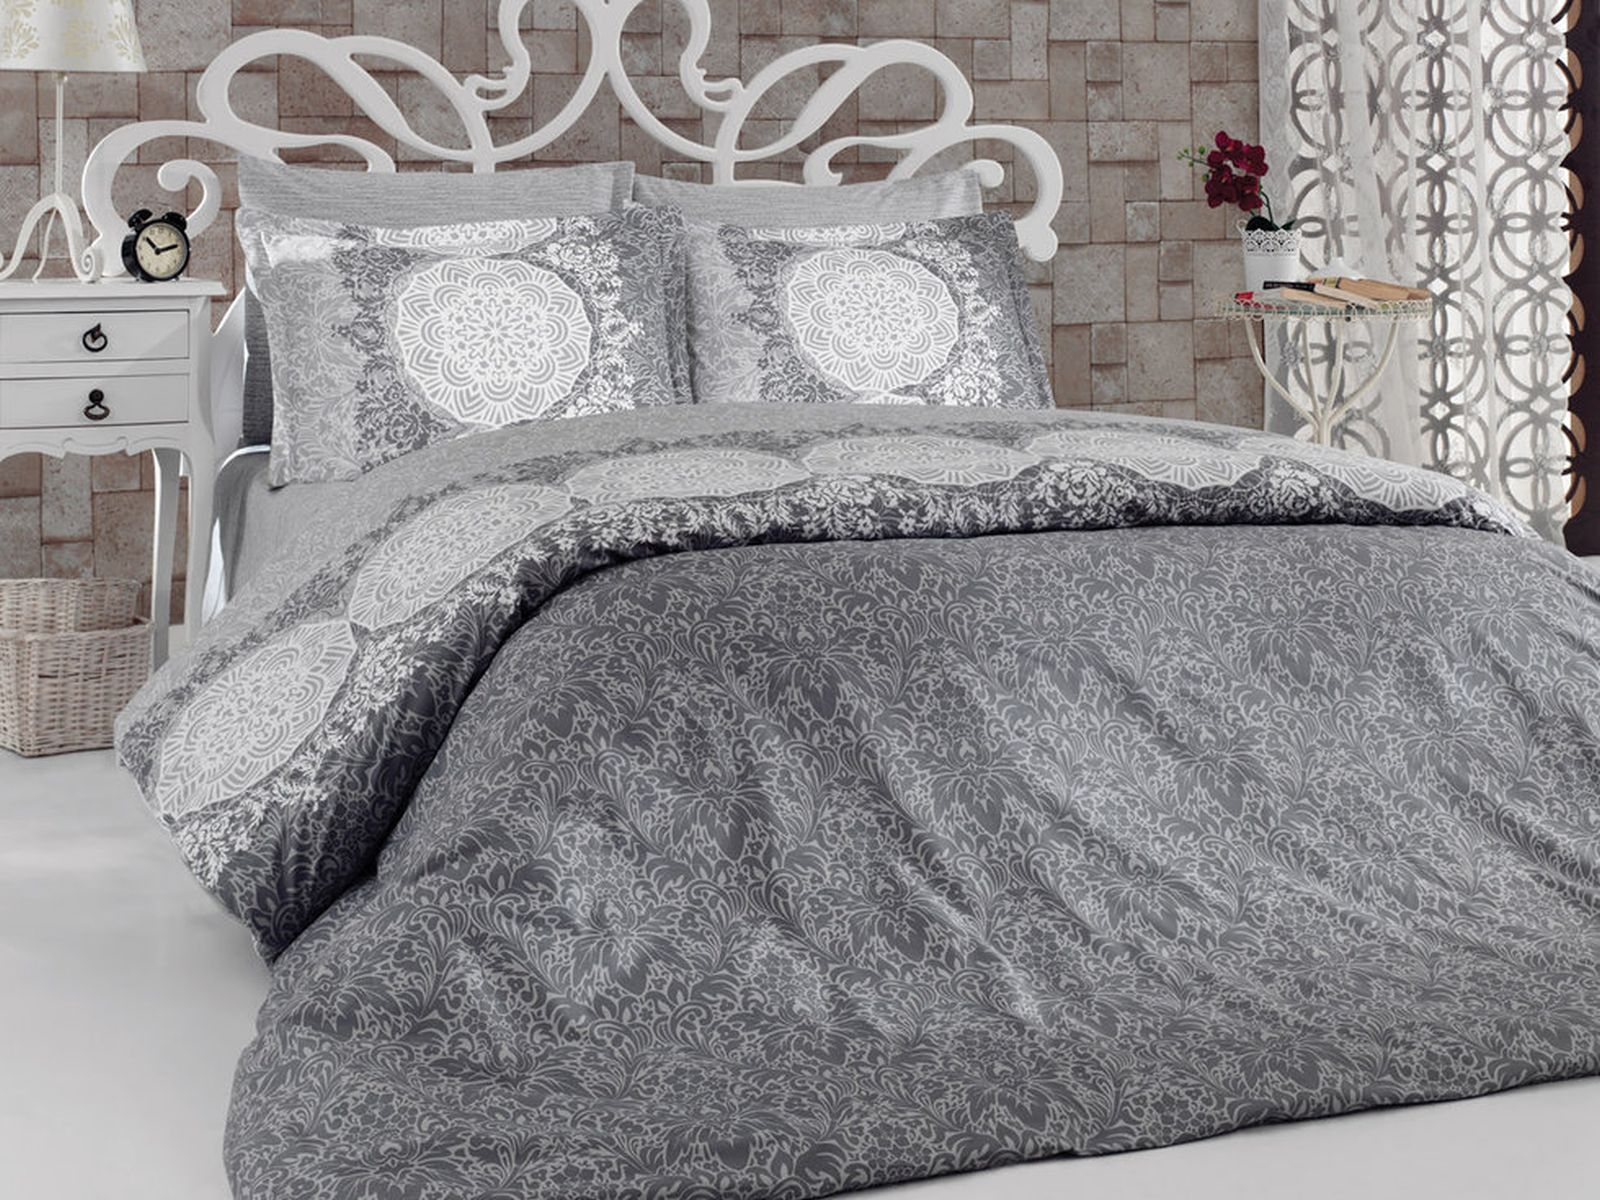 6 tlg bettw sche 100 baumwolle bettgarnitur kissen. Black Bedroom Furniture Sets. Home Design Ideas